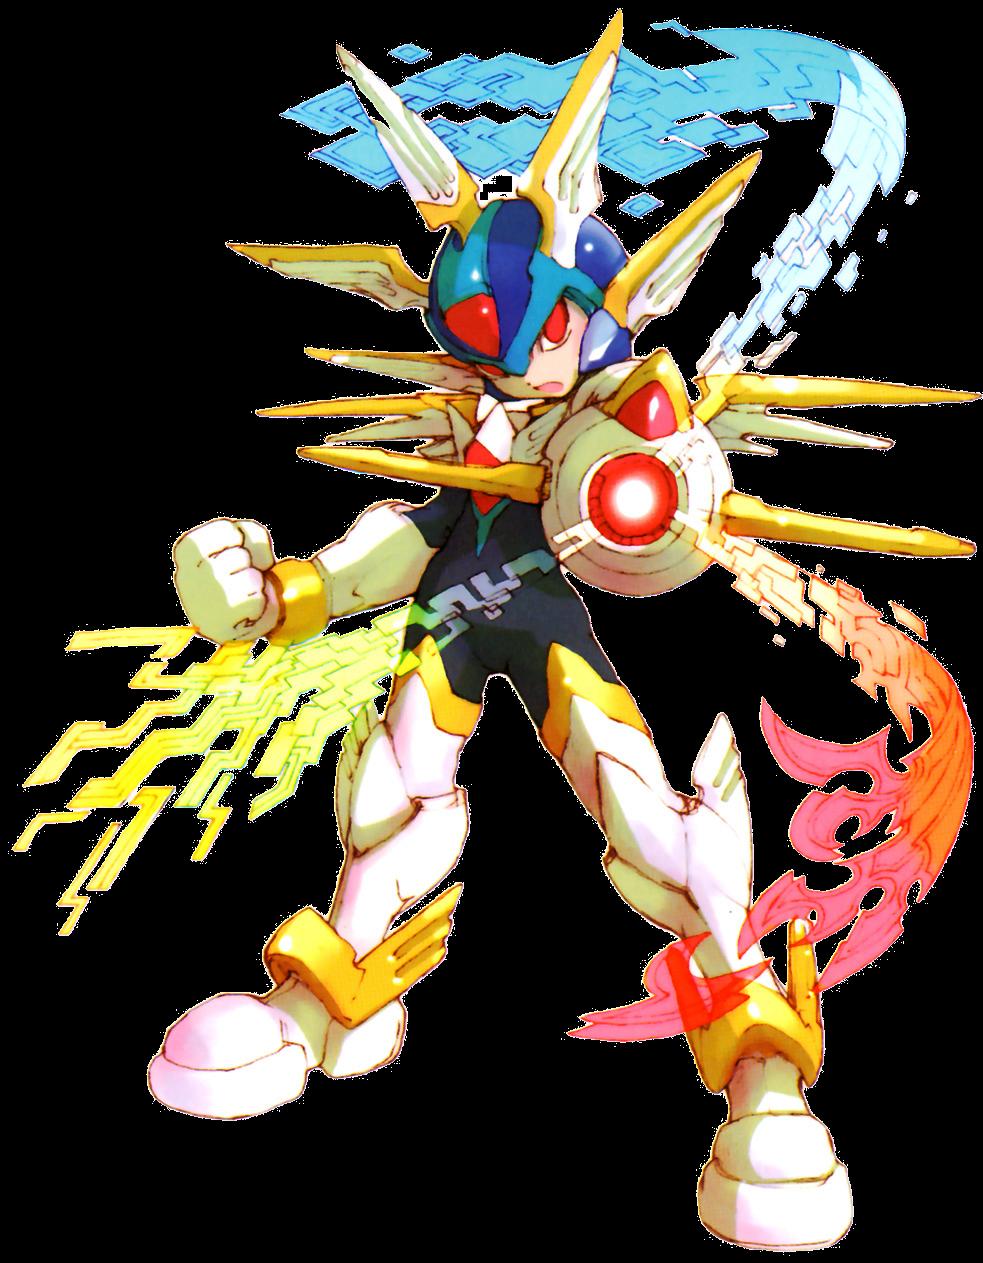 Copy X Mega Man Art Mega Man Character Art